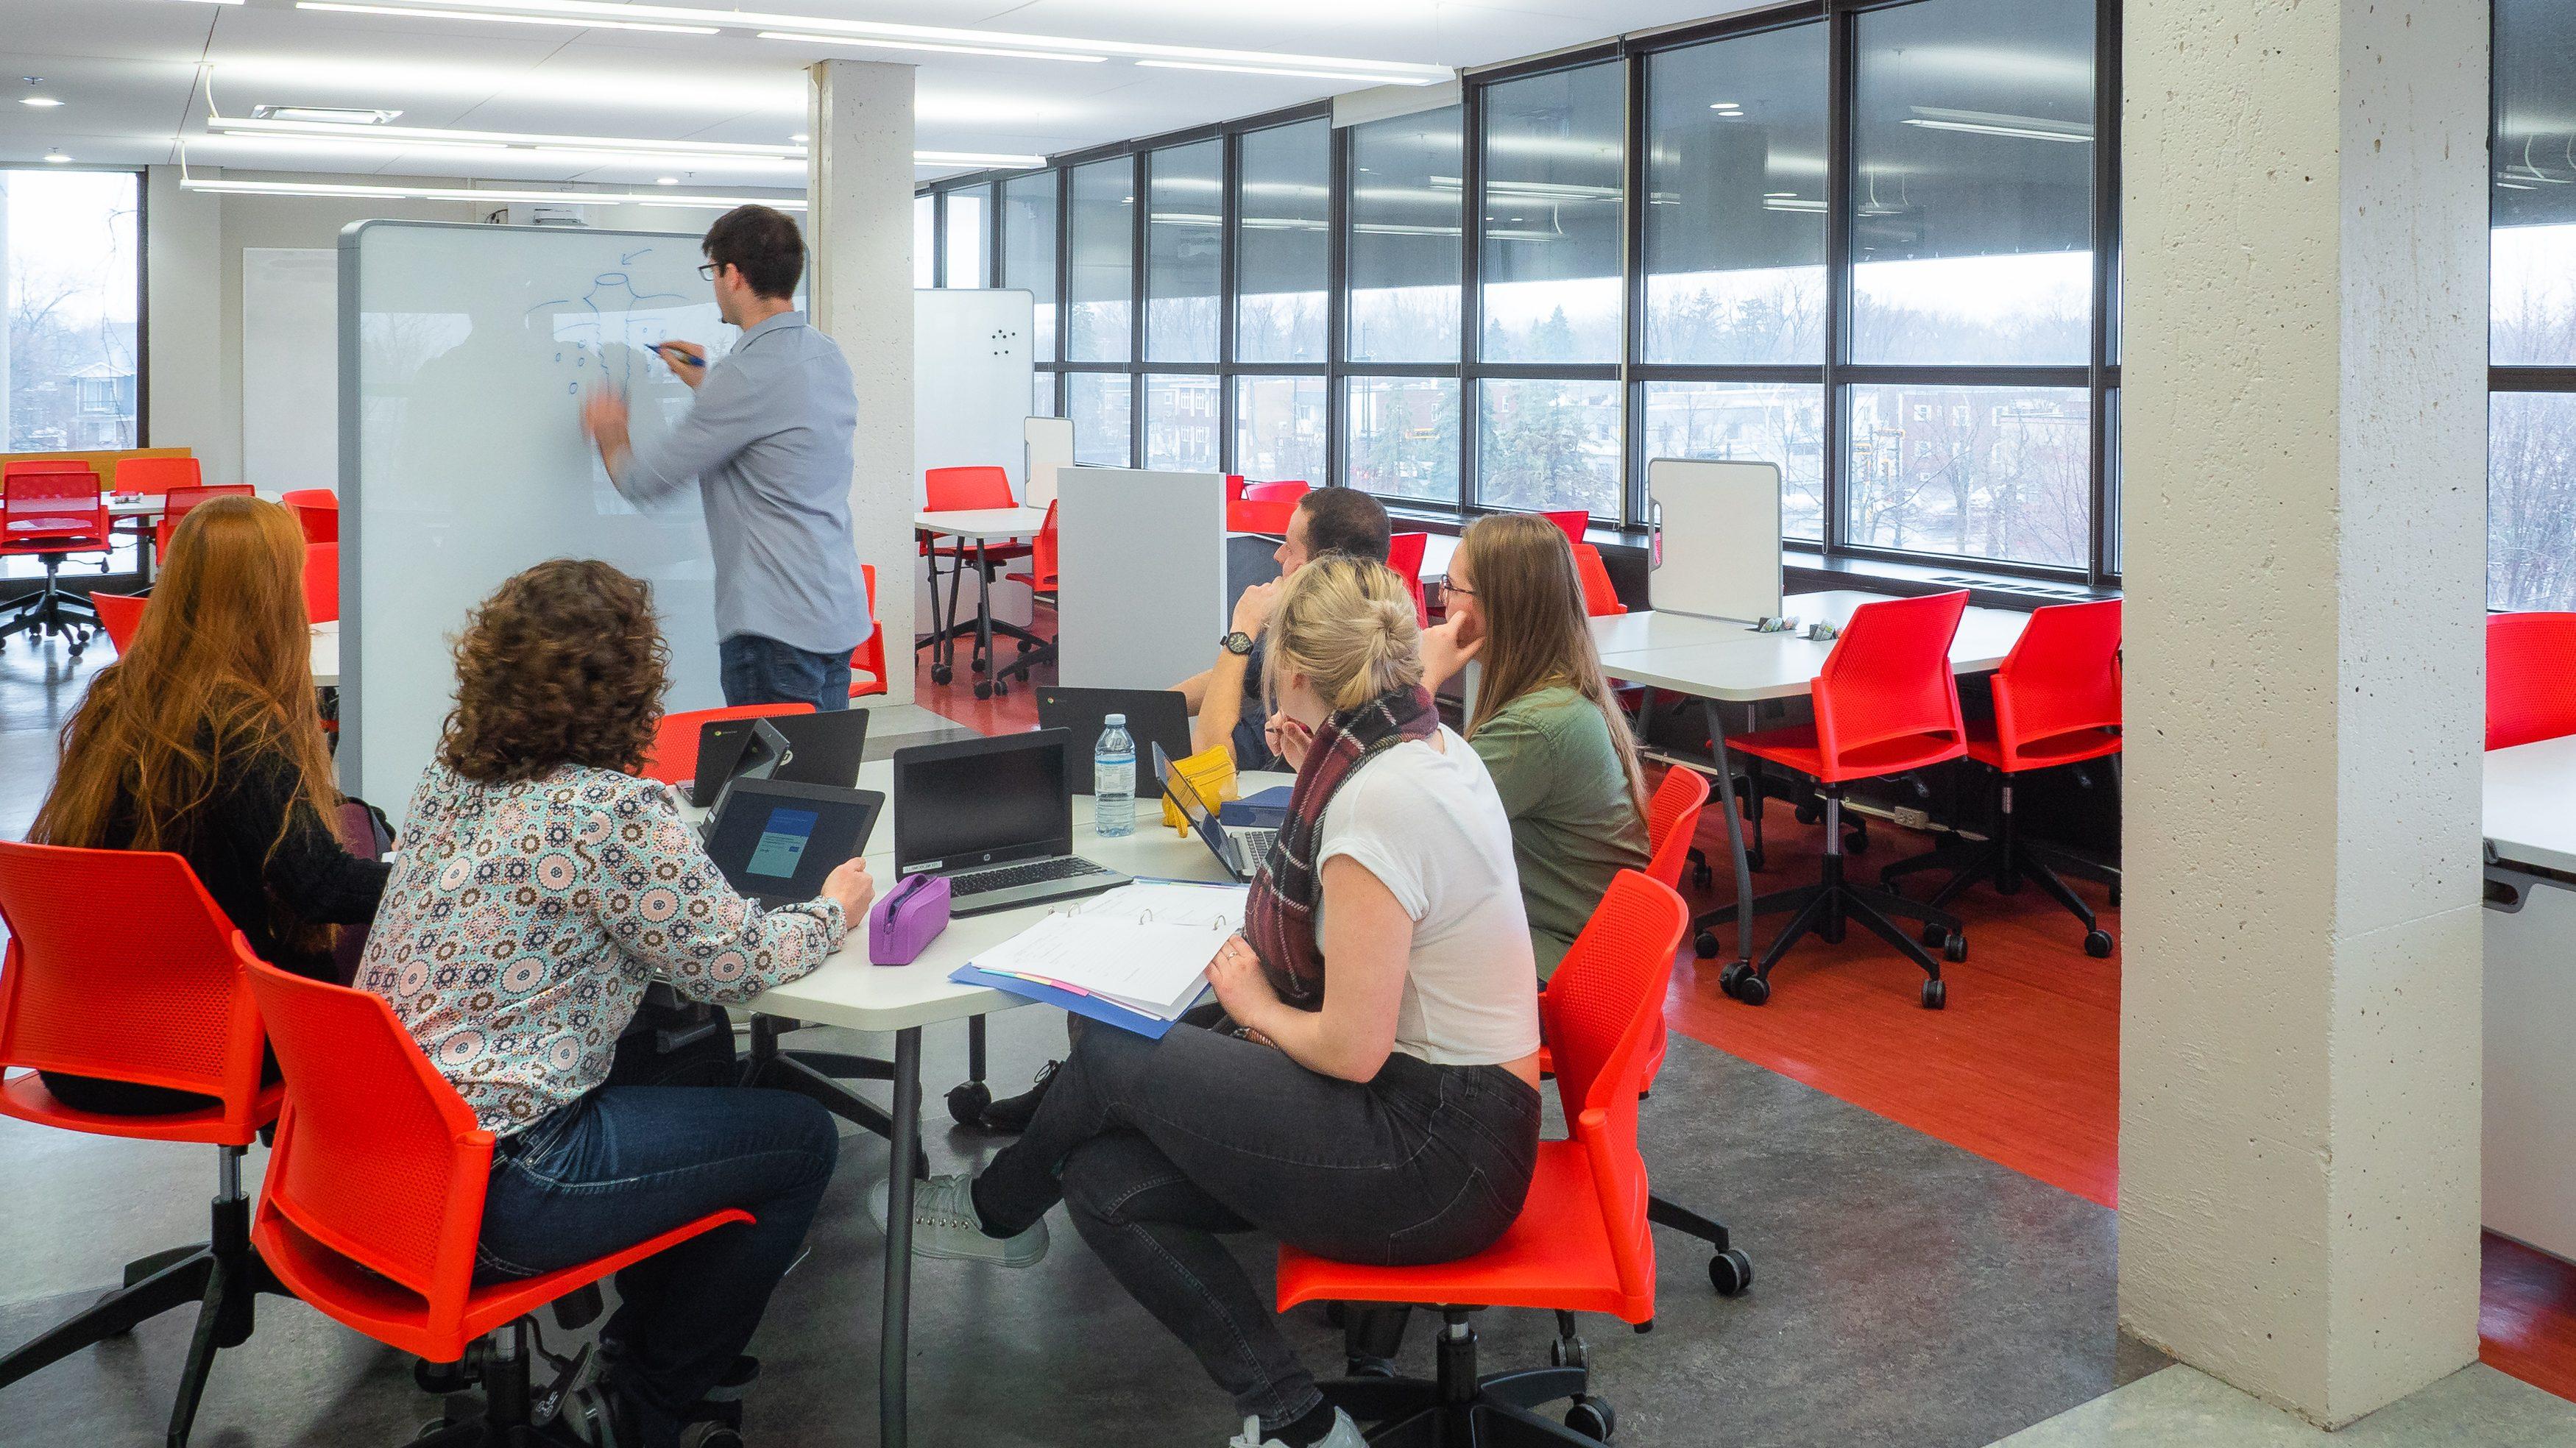 L'étudiant trace des composants afin de préciser l'idée de projet à ses collègues